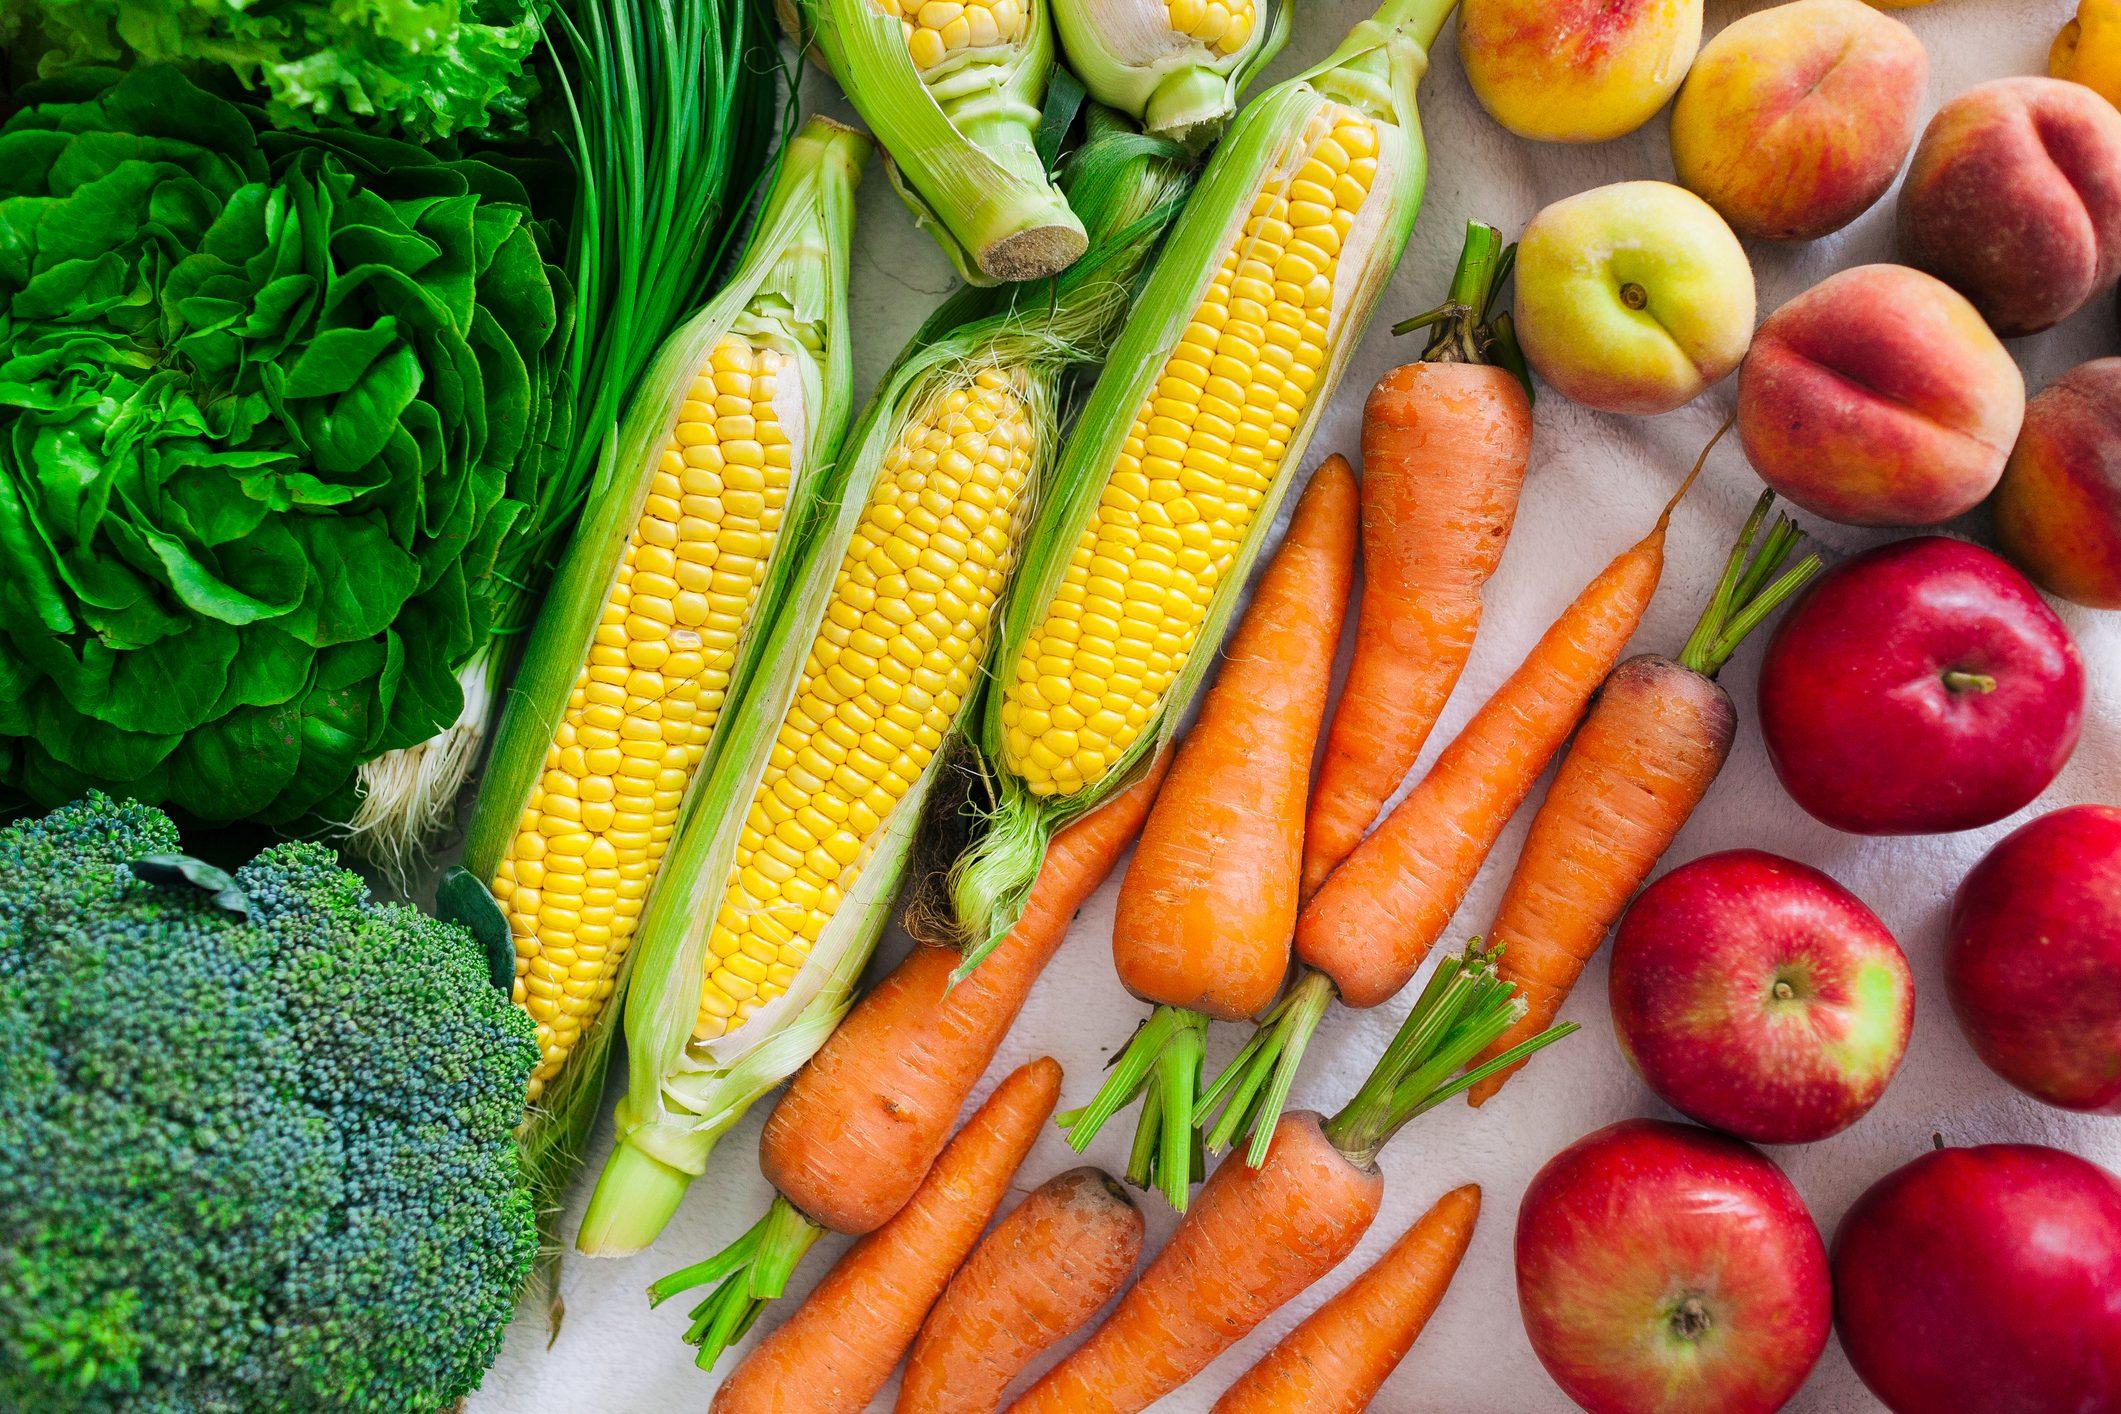 variety of vegetables full frame